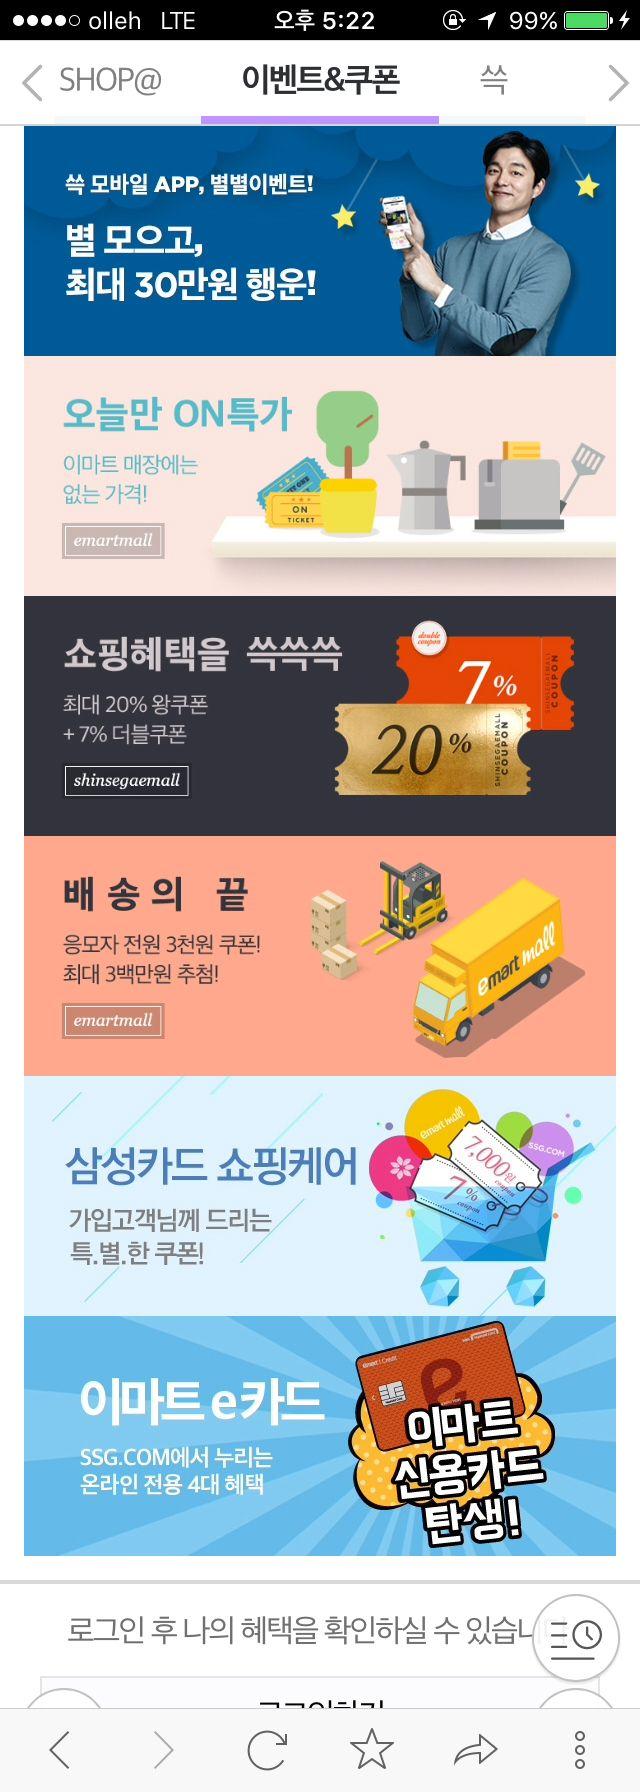 SSG닷컴 이벤트 배너 모바일